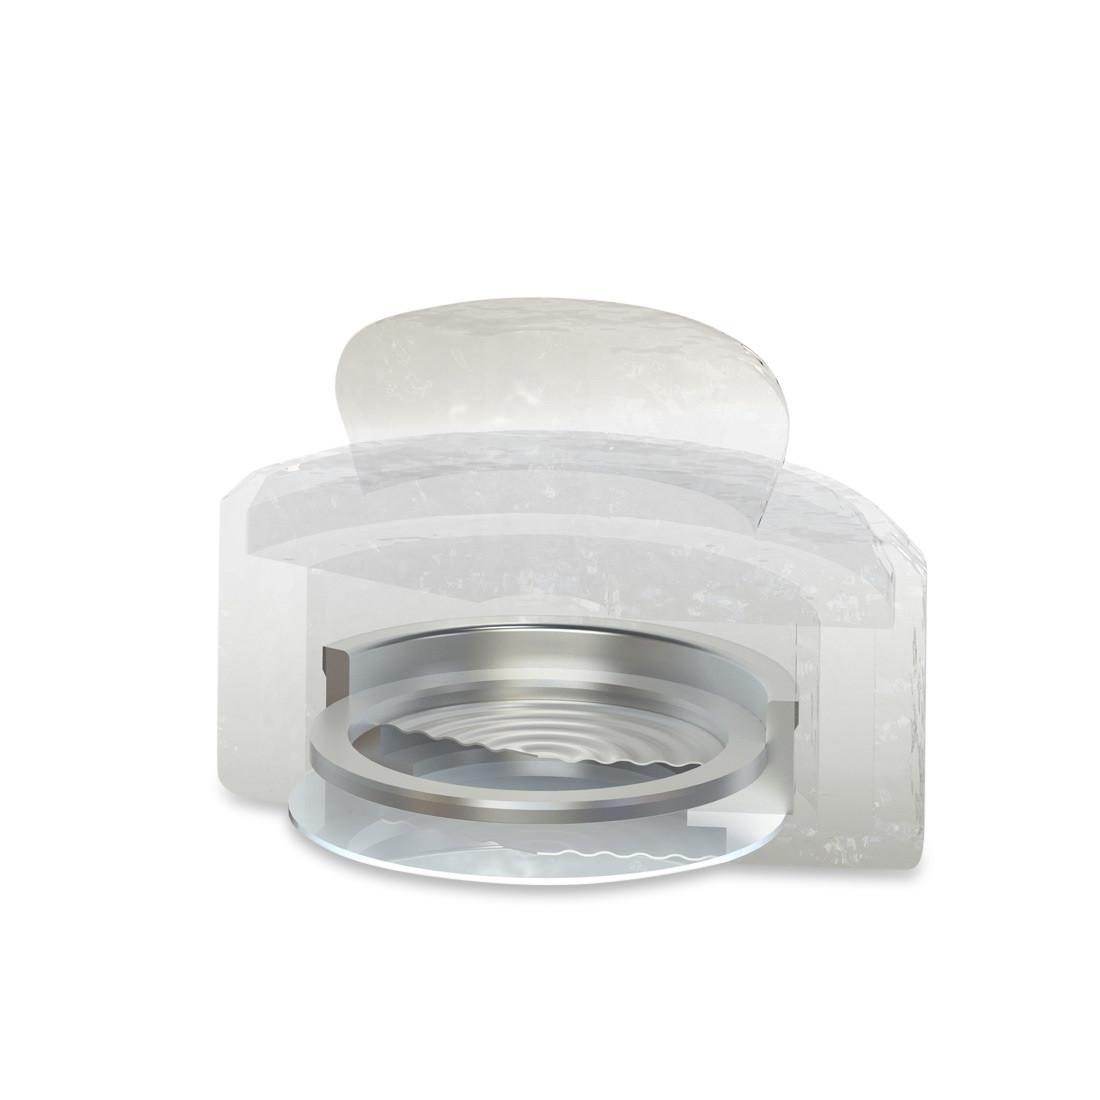 Gehörschutzfilter fidelity b15 - Querschnitt